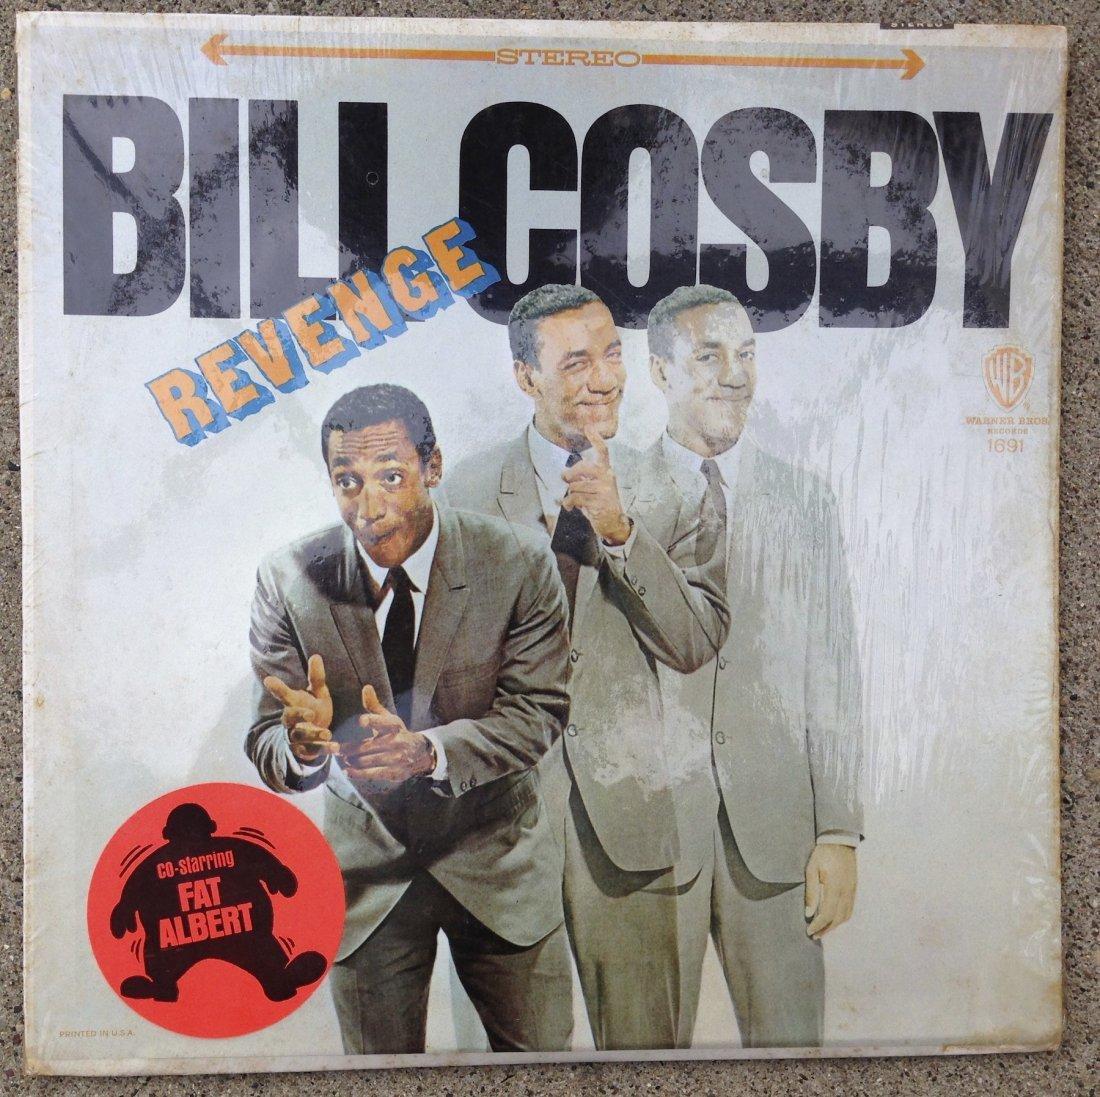 BILL COSBY - REVENGE album - Co-Starring FAT ALBERT